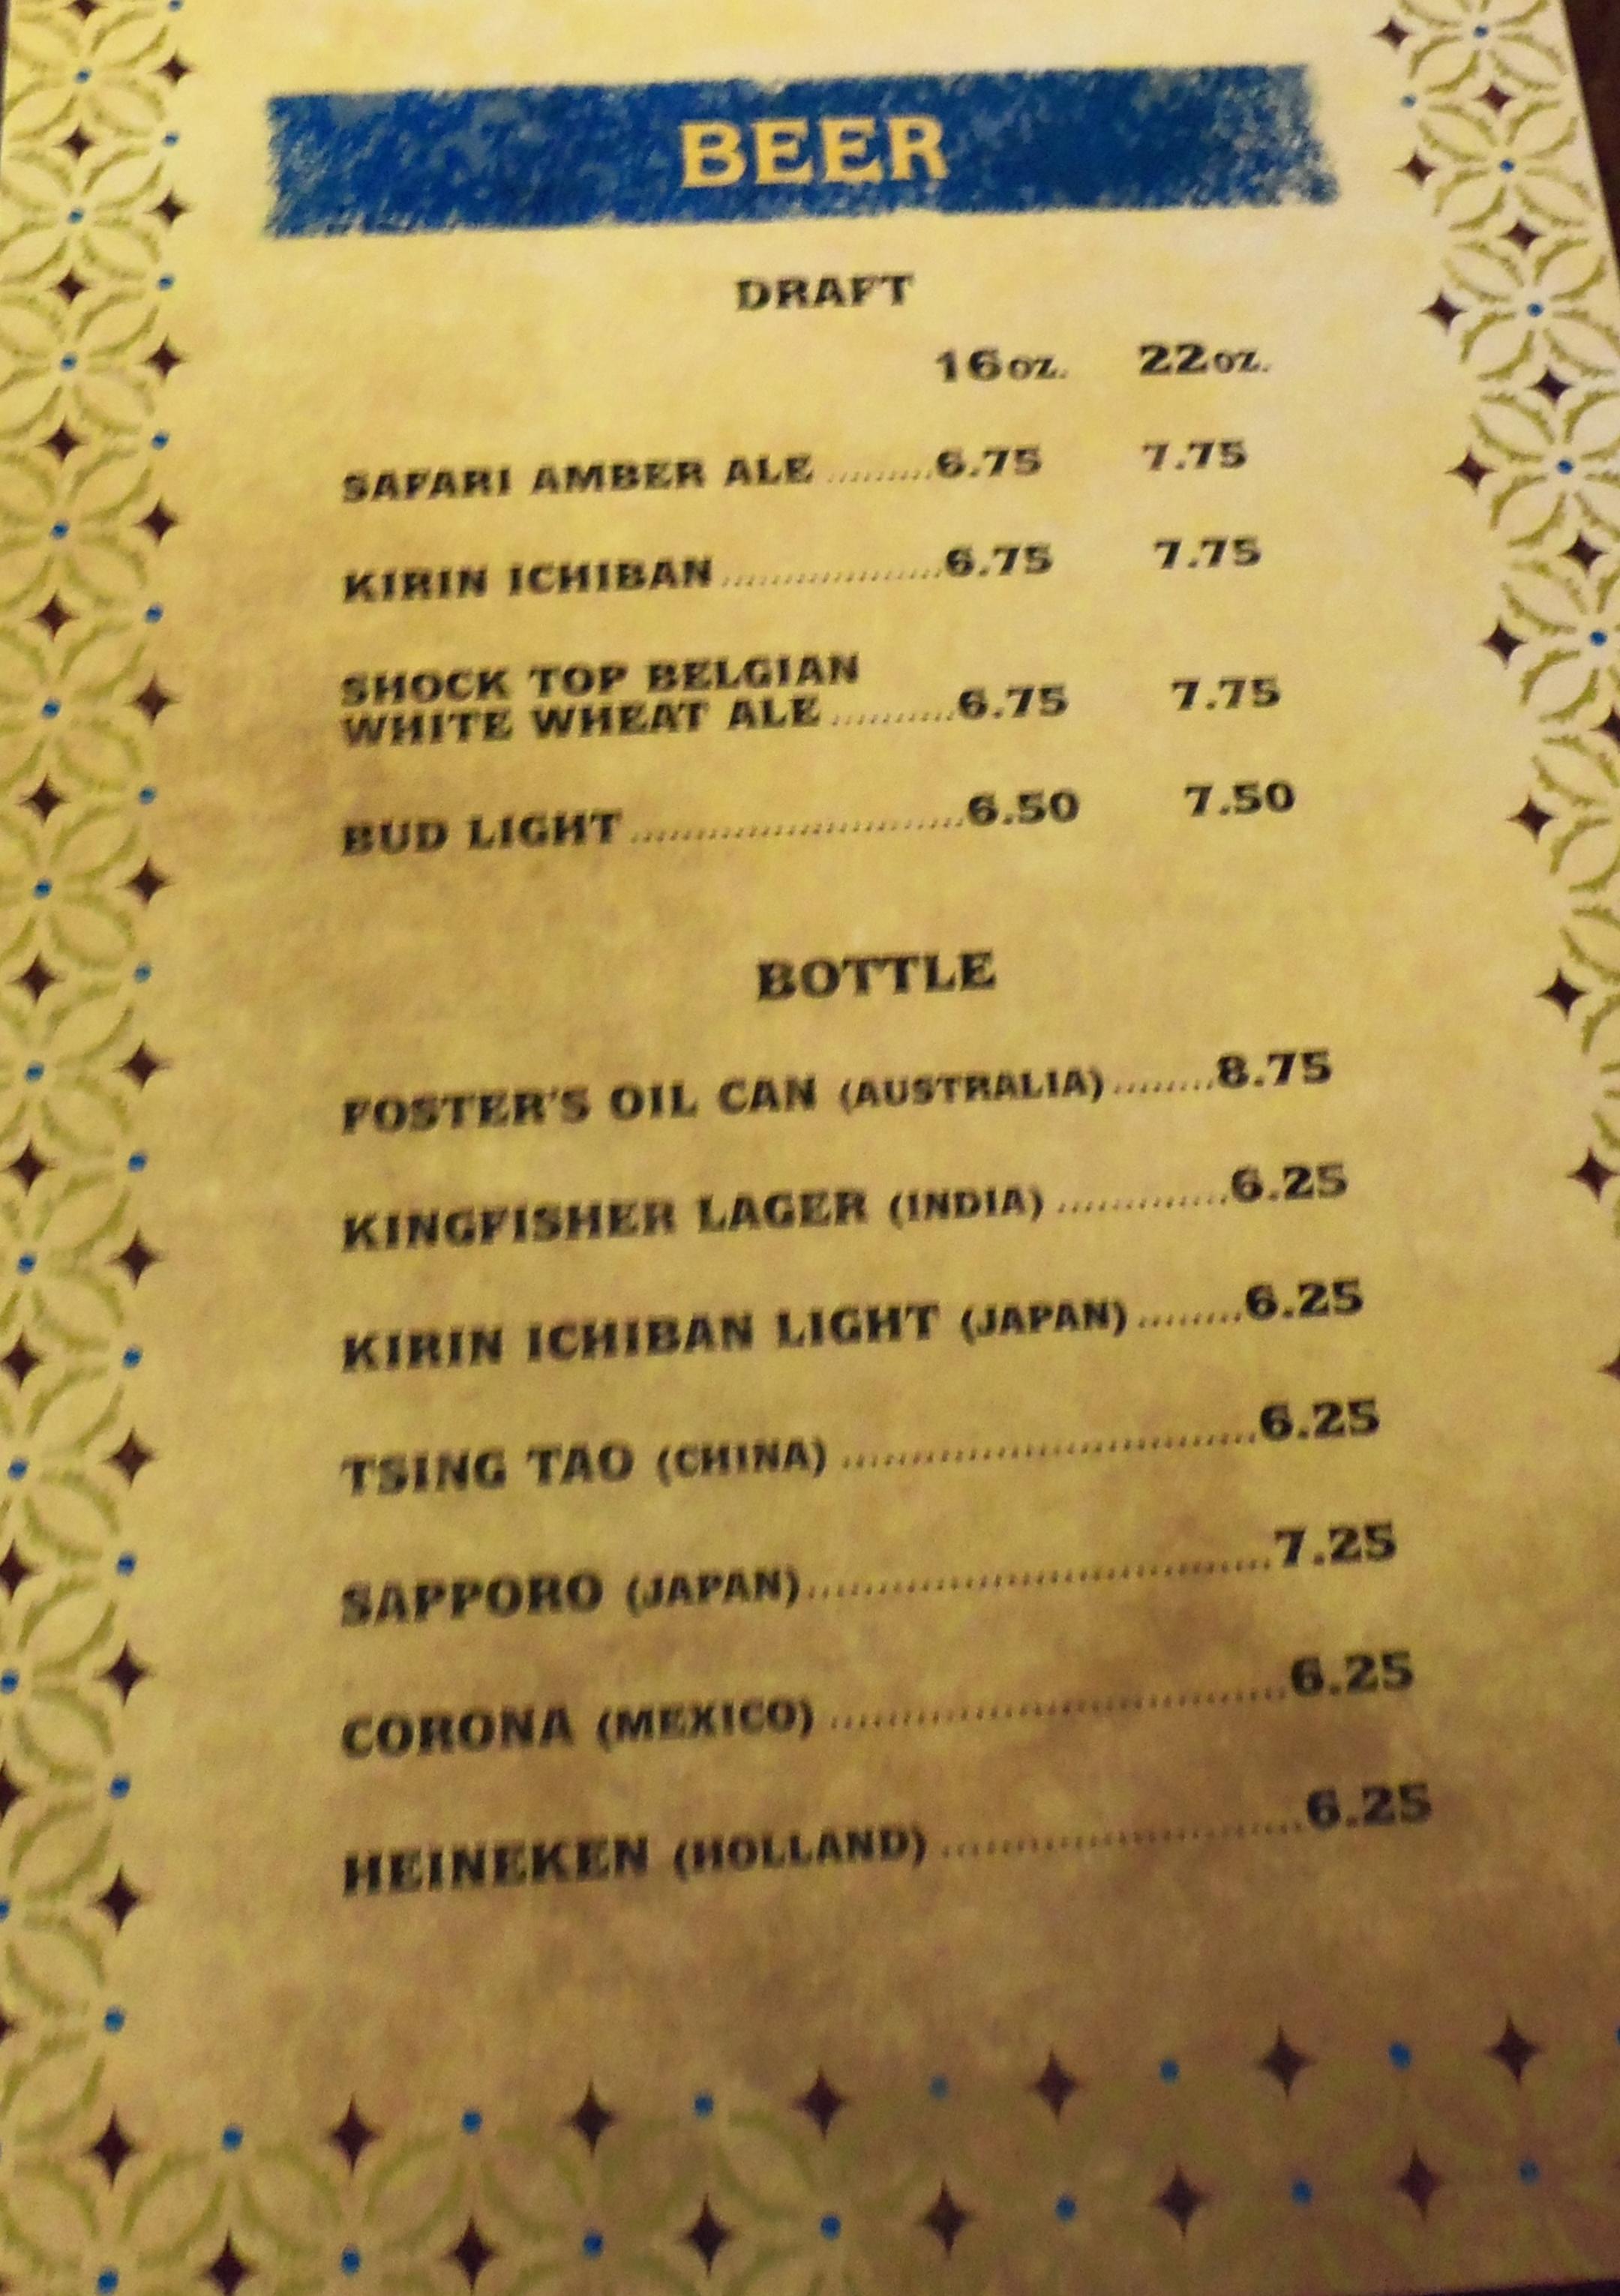 Beer Menu – Beer Menu